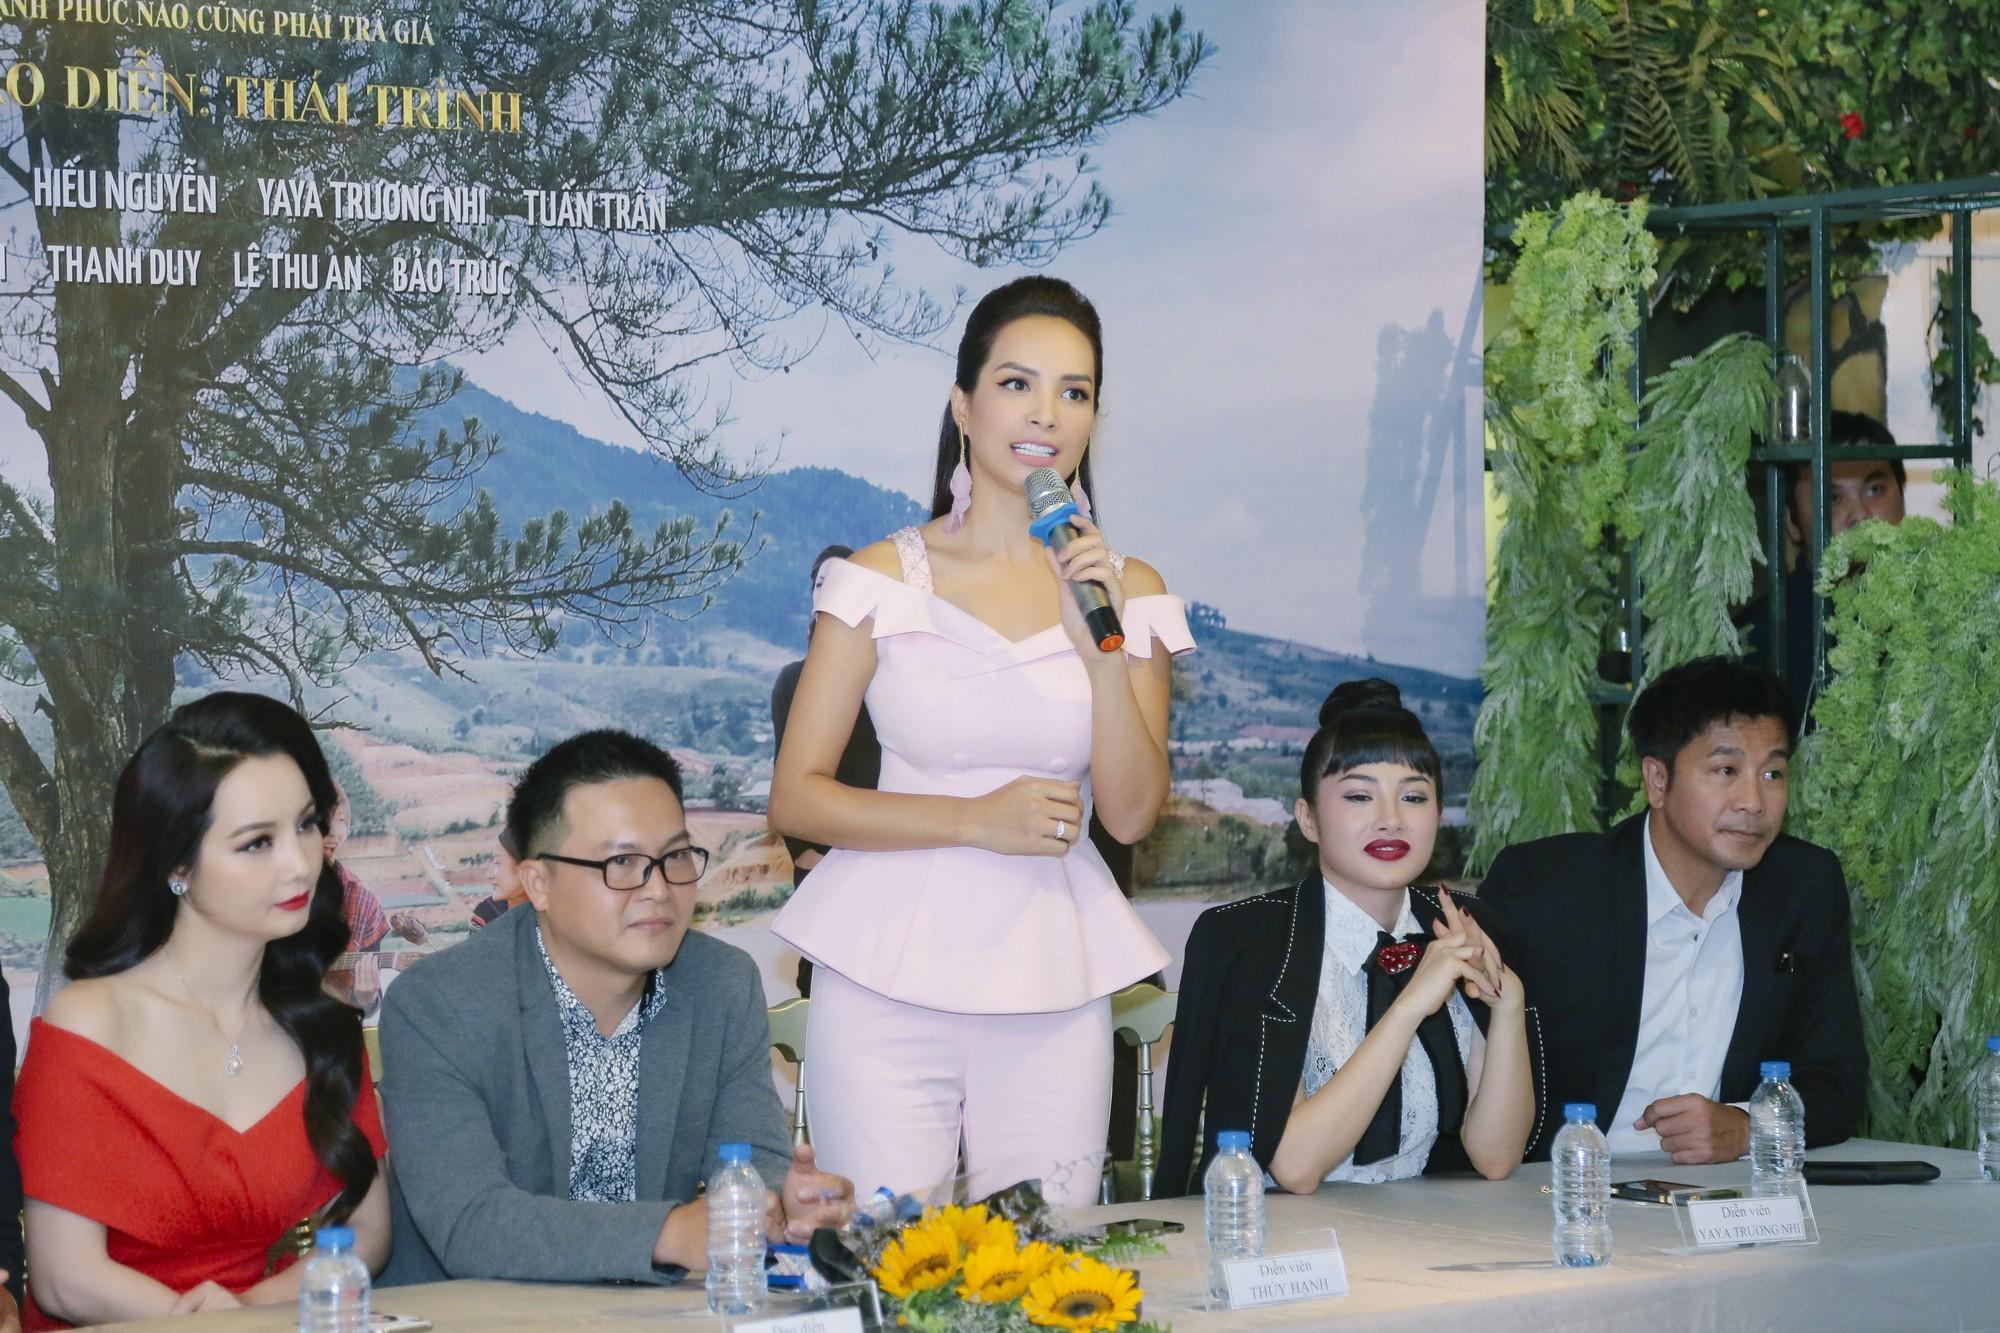 Thúy Hạnh bị chồng hành hung, Mai Thu Huyền chi tiền khủng mua quần áo  - Ảnh 3.